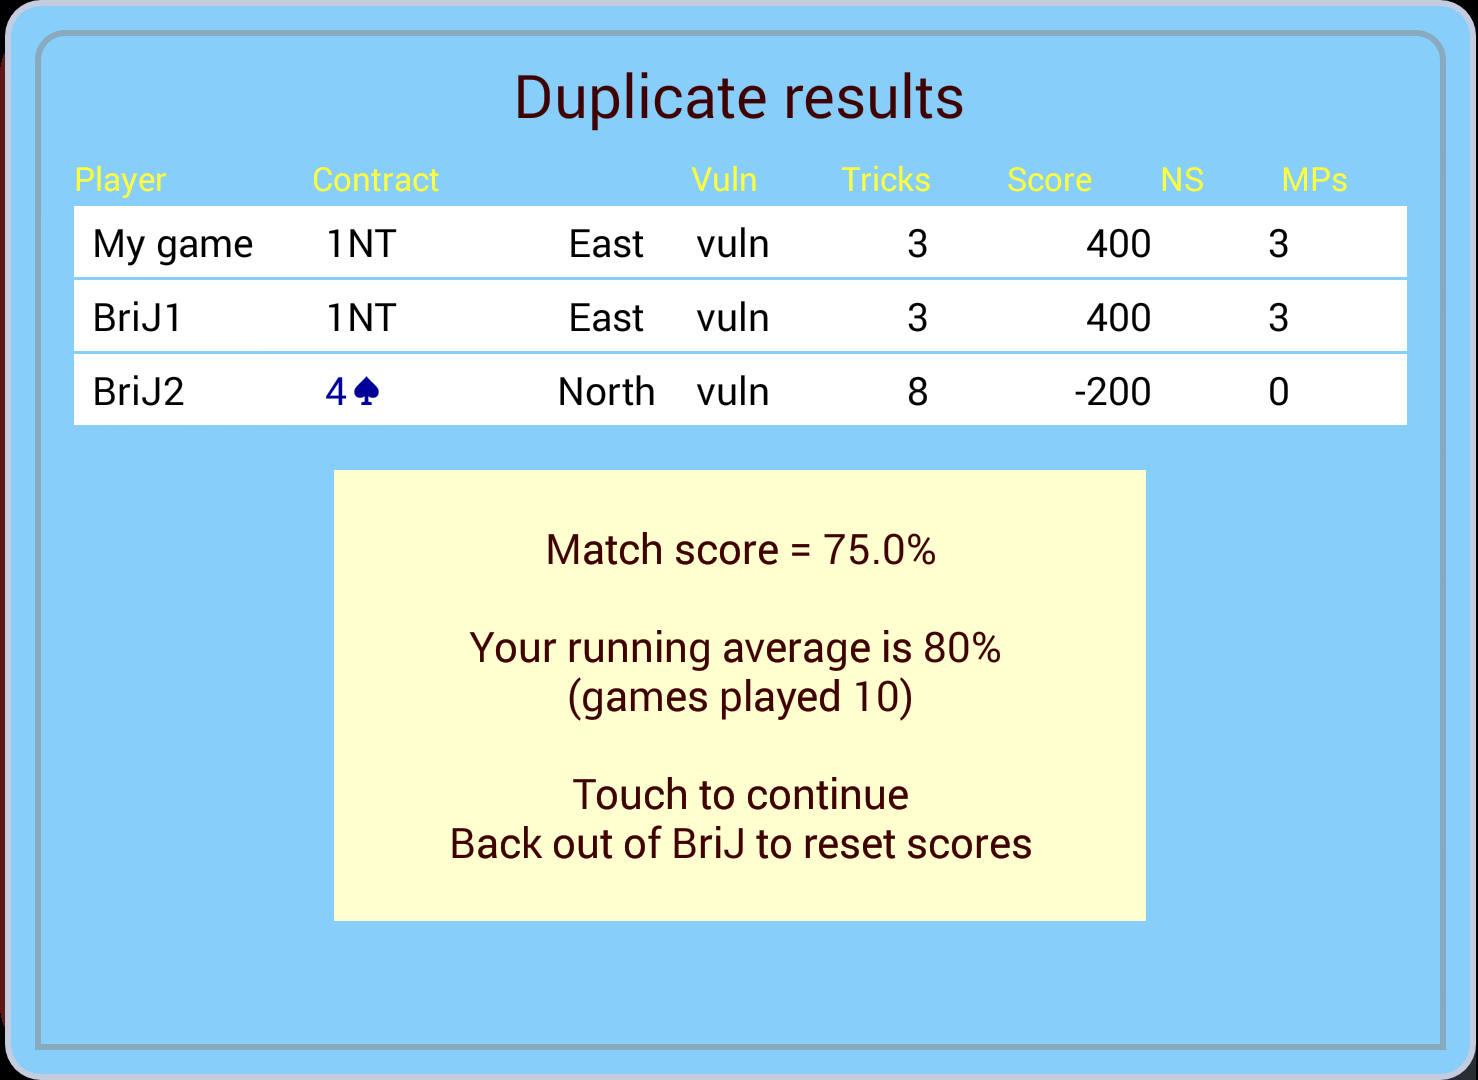 Duplicate Bridge Scoring Spreadsheet For Bj Bridge Duplicate Scoring